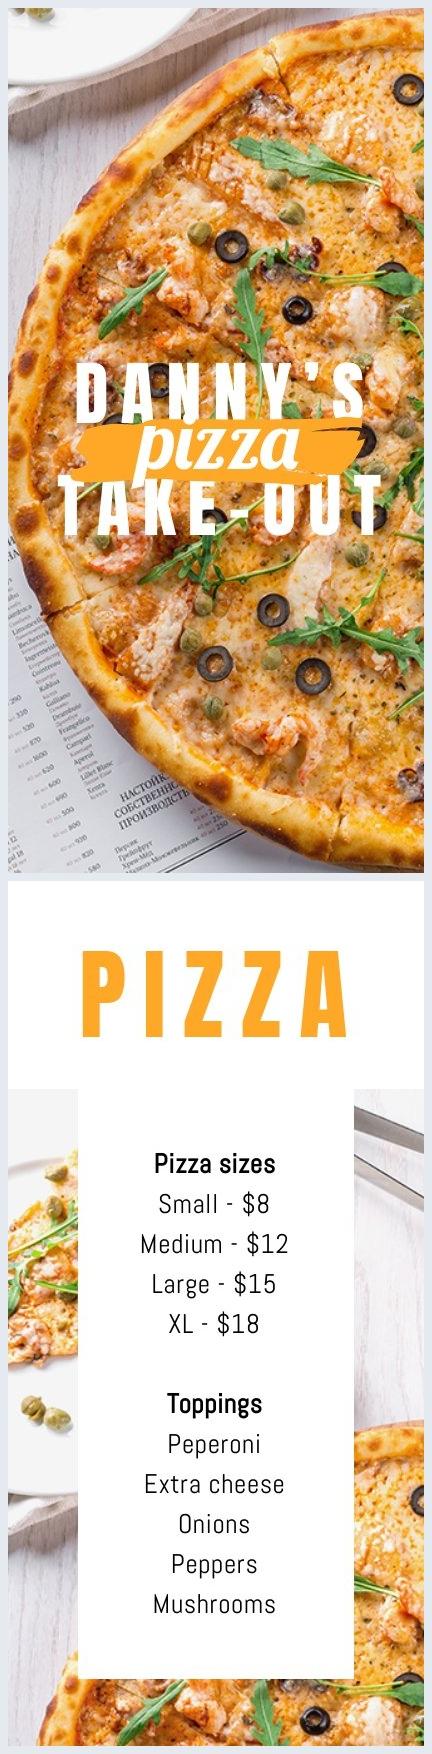 Diseño para menú de Pizza para llevar